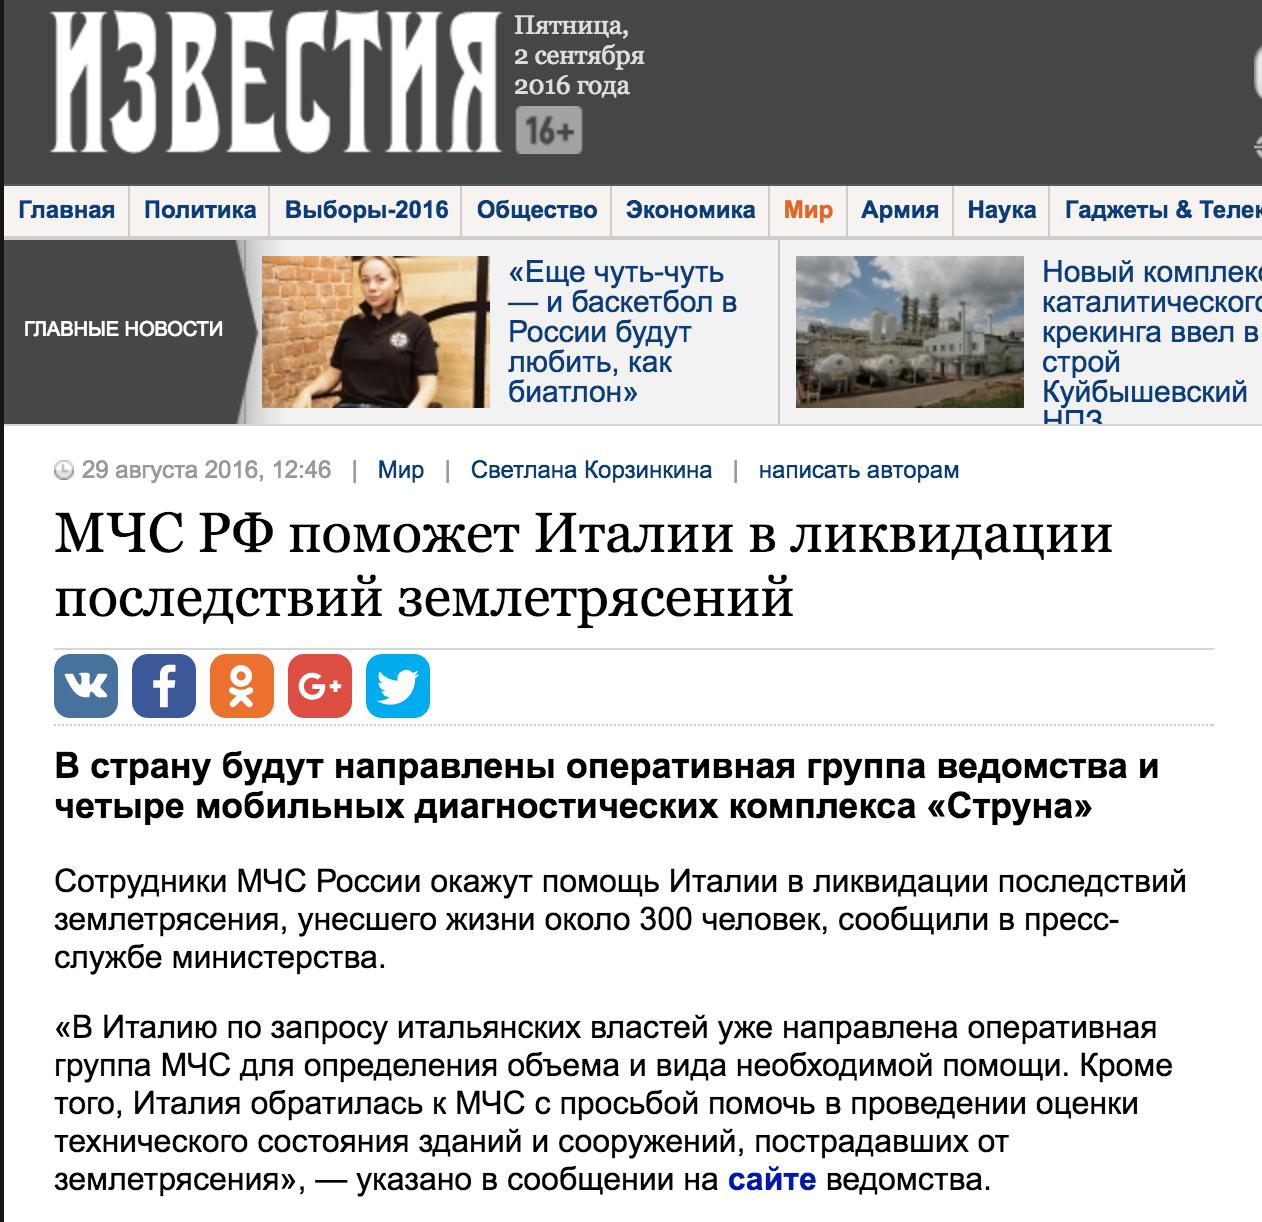 Screenshot de pe site-ul izvestia.ru